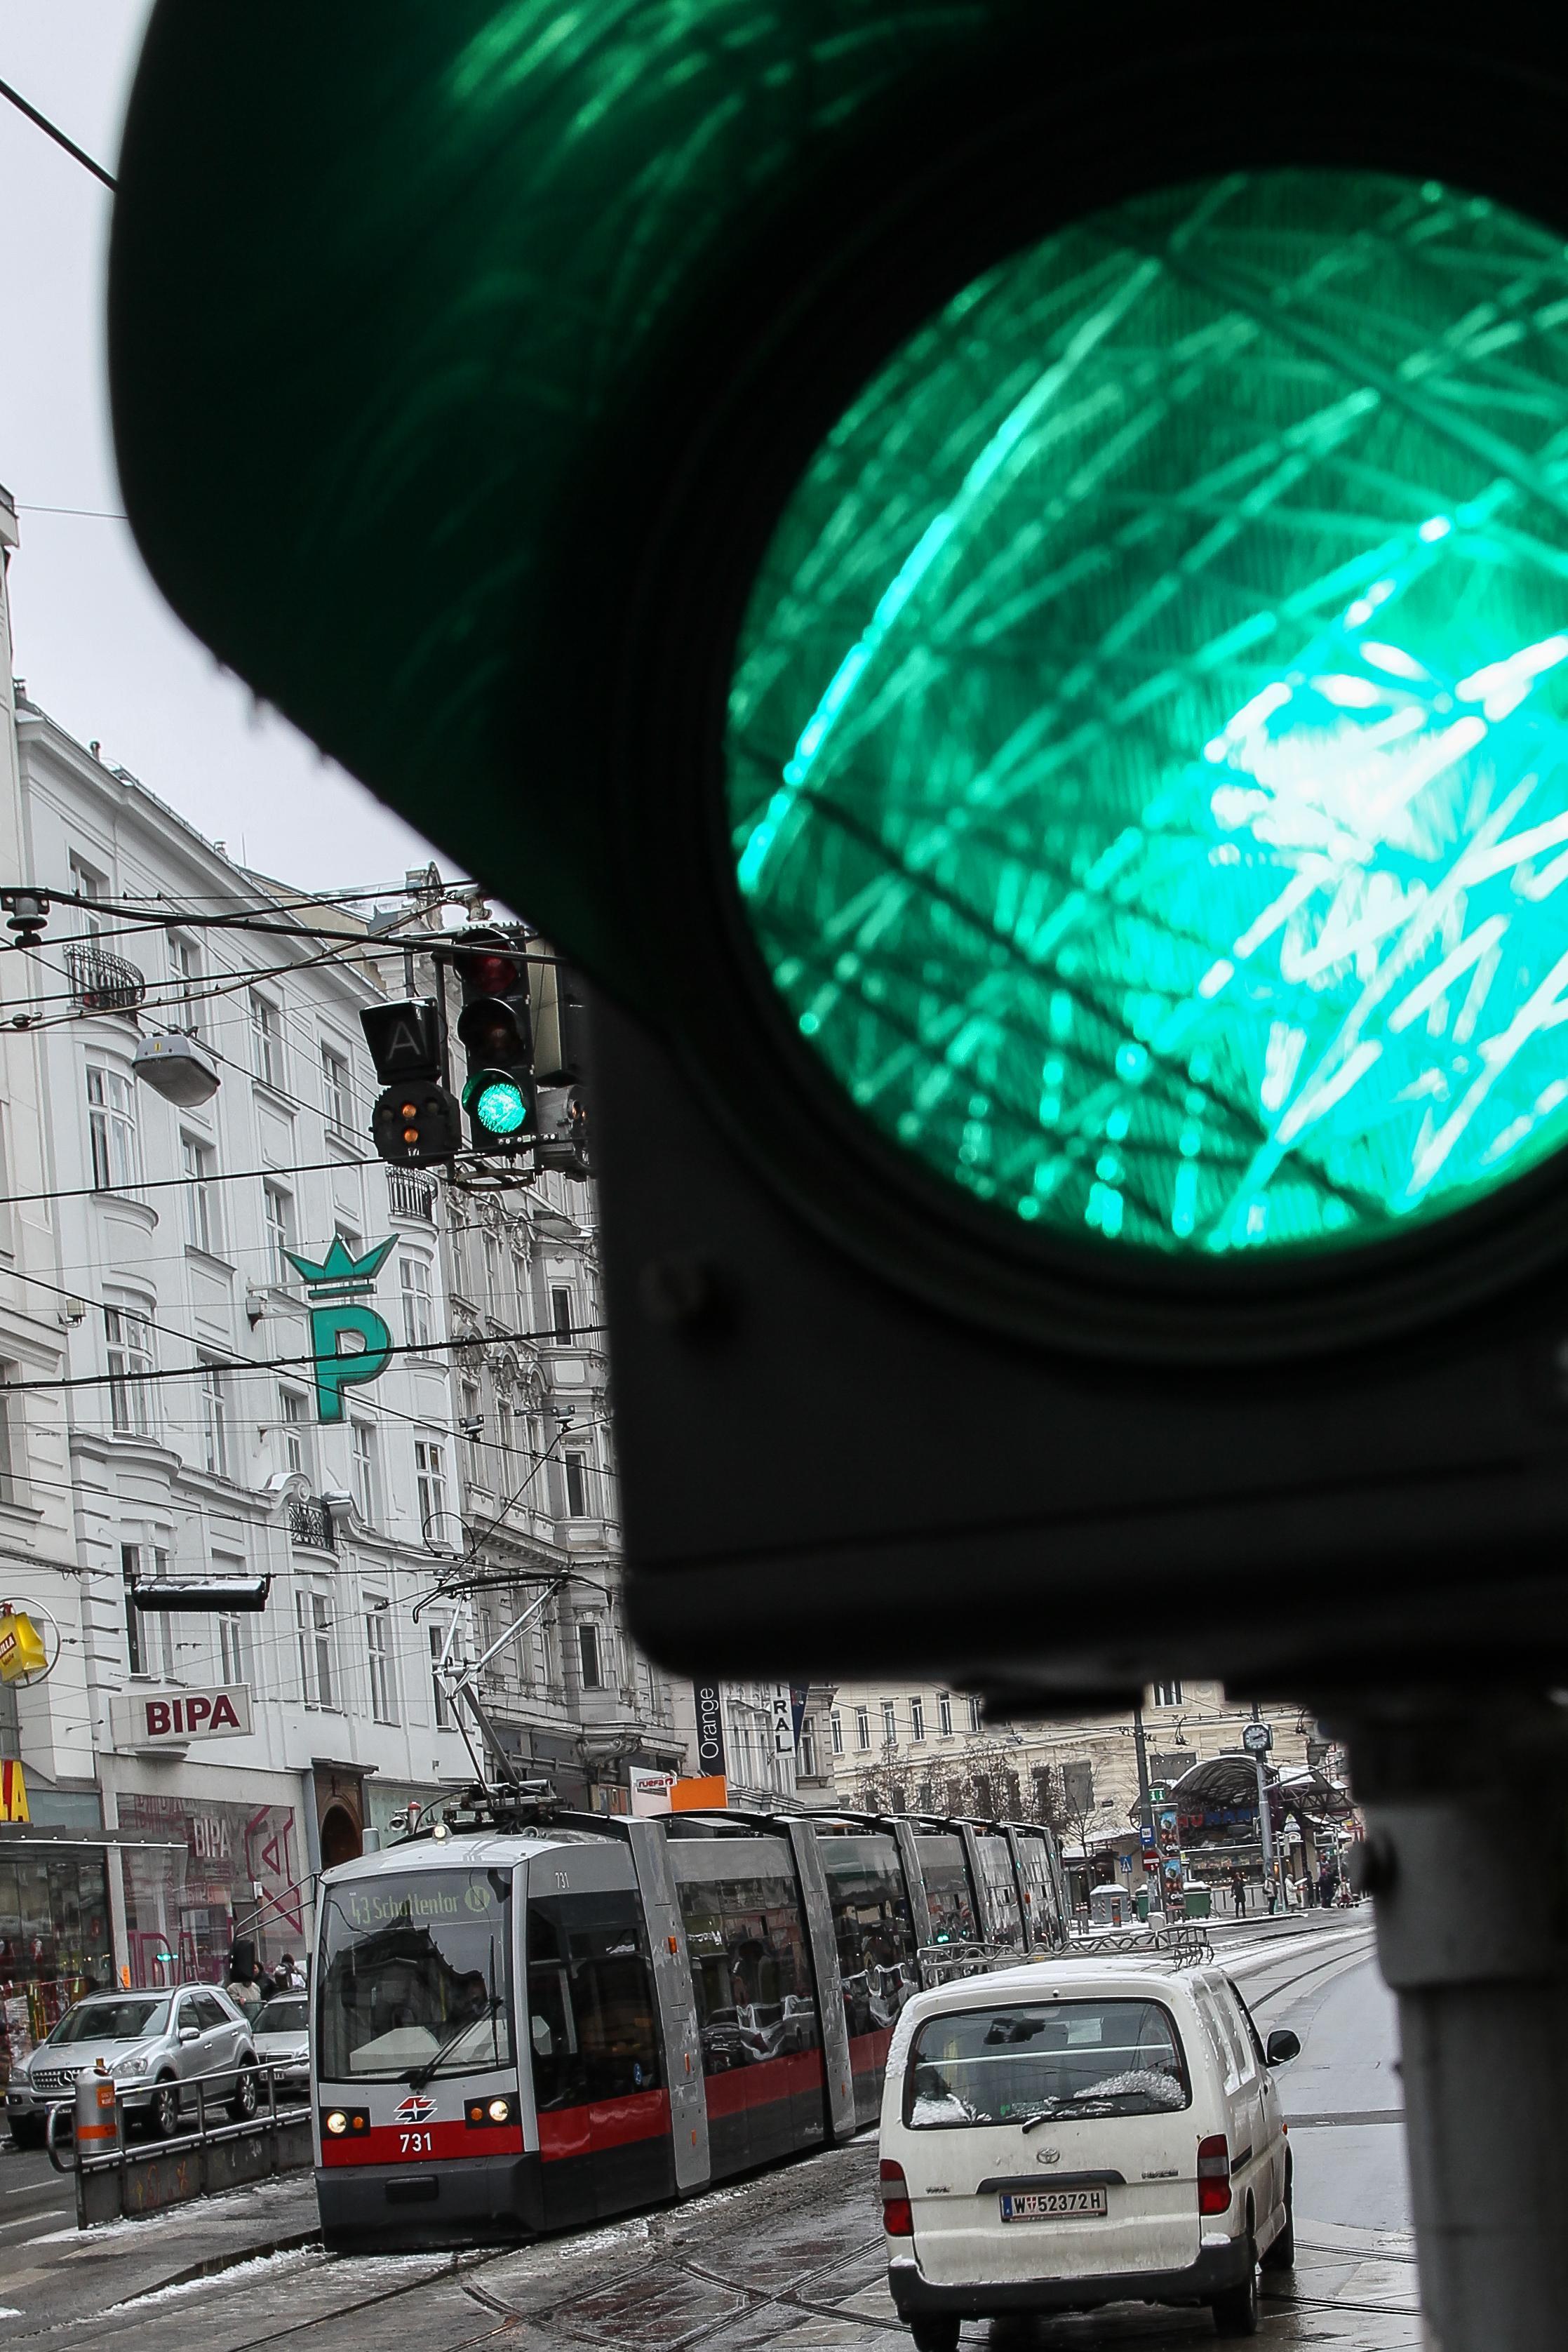 1200 Wiener Ampeln bekommen Wettersensoren